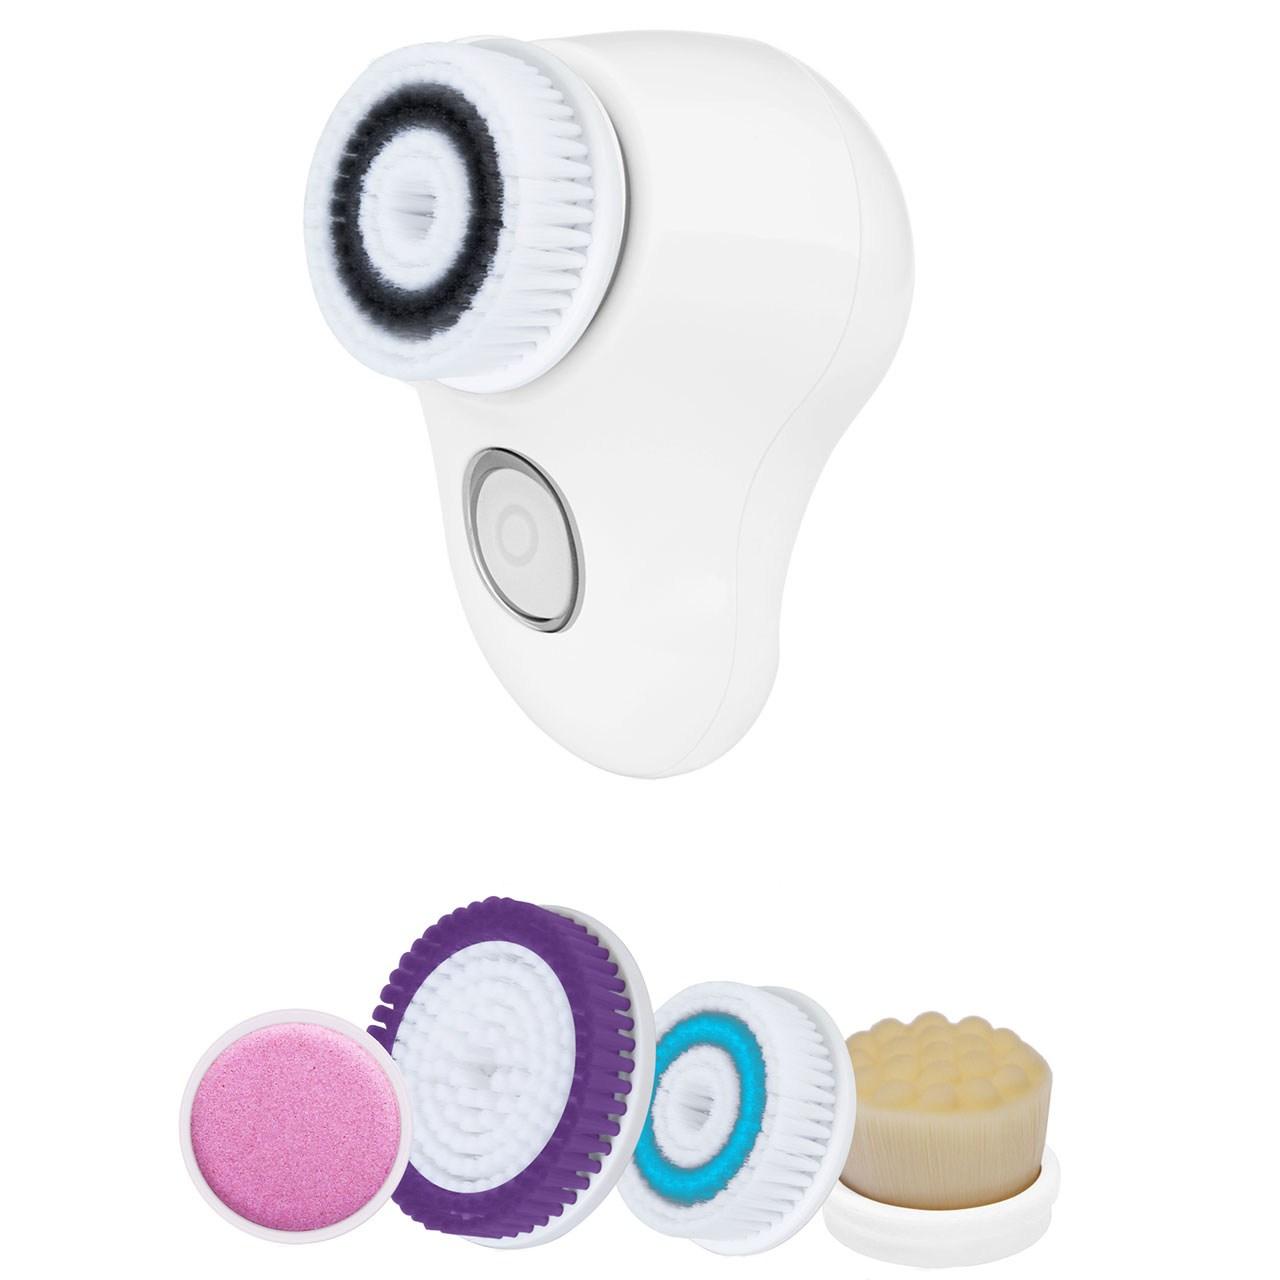 برس پاکسازی 5 کاره صورت کیوت اسکین مدل Ever Clean CIH-F600 | Cute Skin 5 in 1 Ever Clean CIH-F600 Face Cleansing Brush